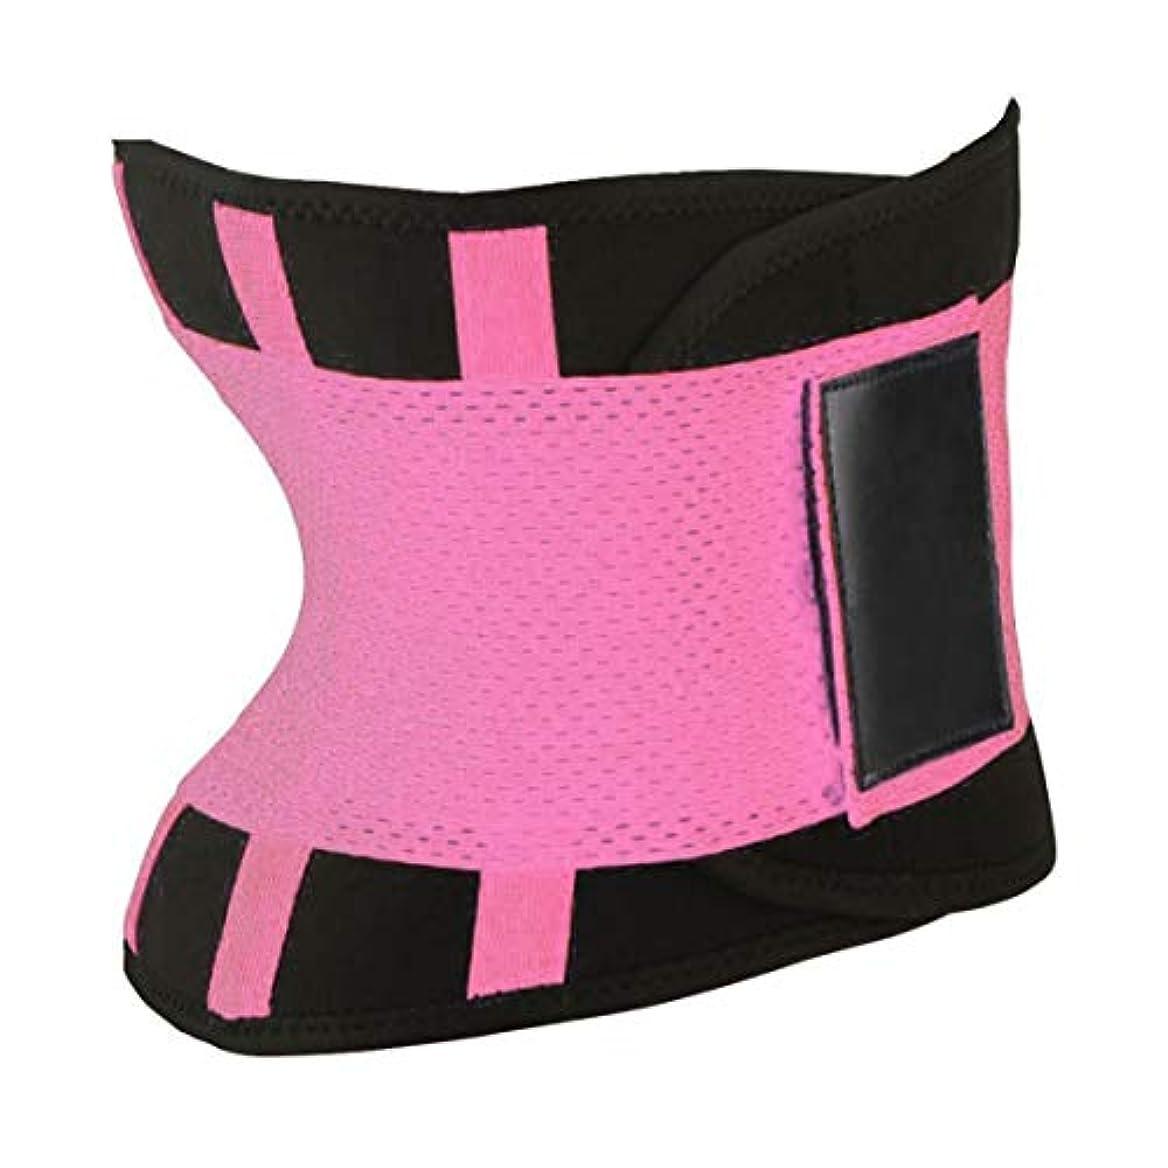 スピン治す東方快適な女性ボディシェイパー痩身シェイパーベルトスポーツ女性ウエストトレーナーニッパー制御バーニングボディおなかベルト - ピンク2xl